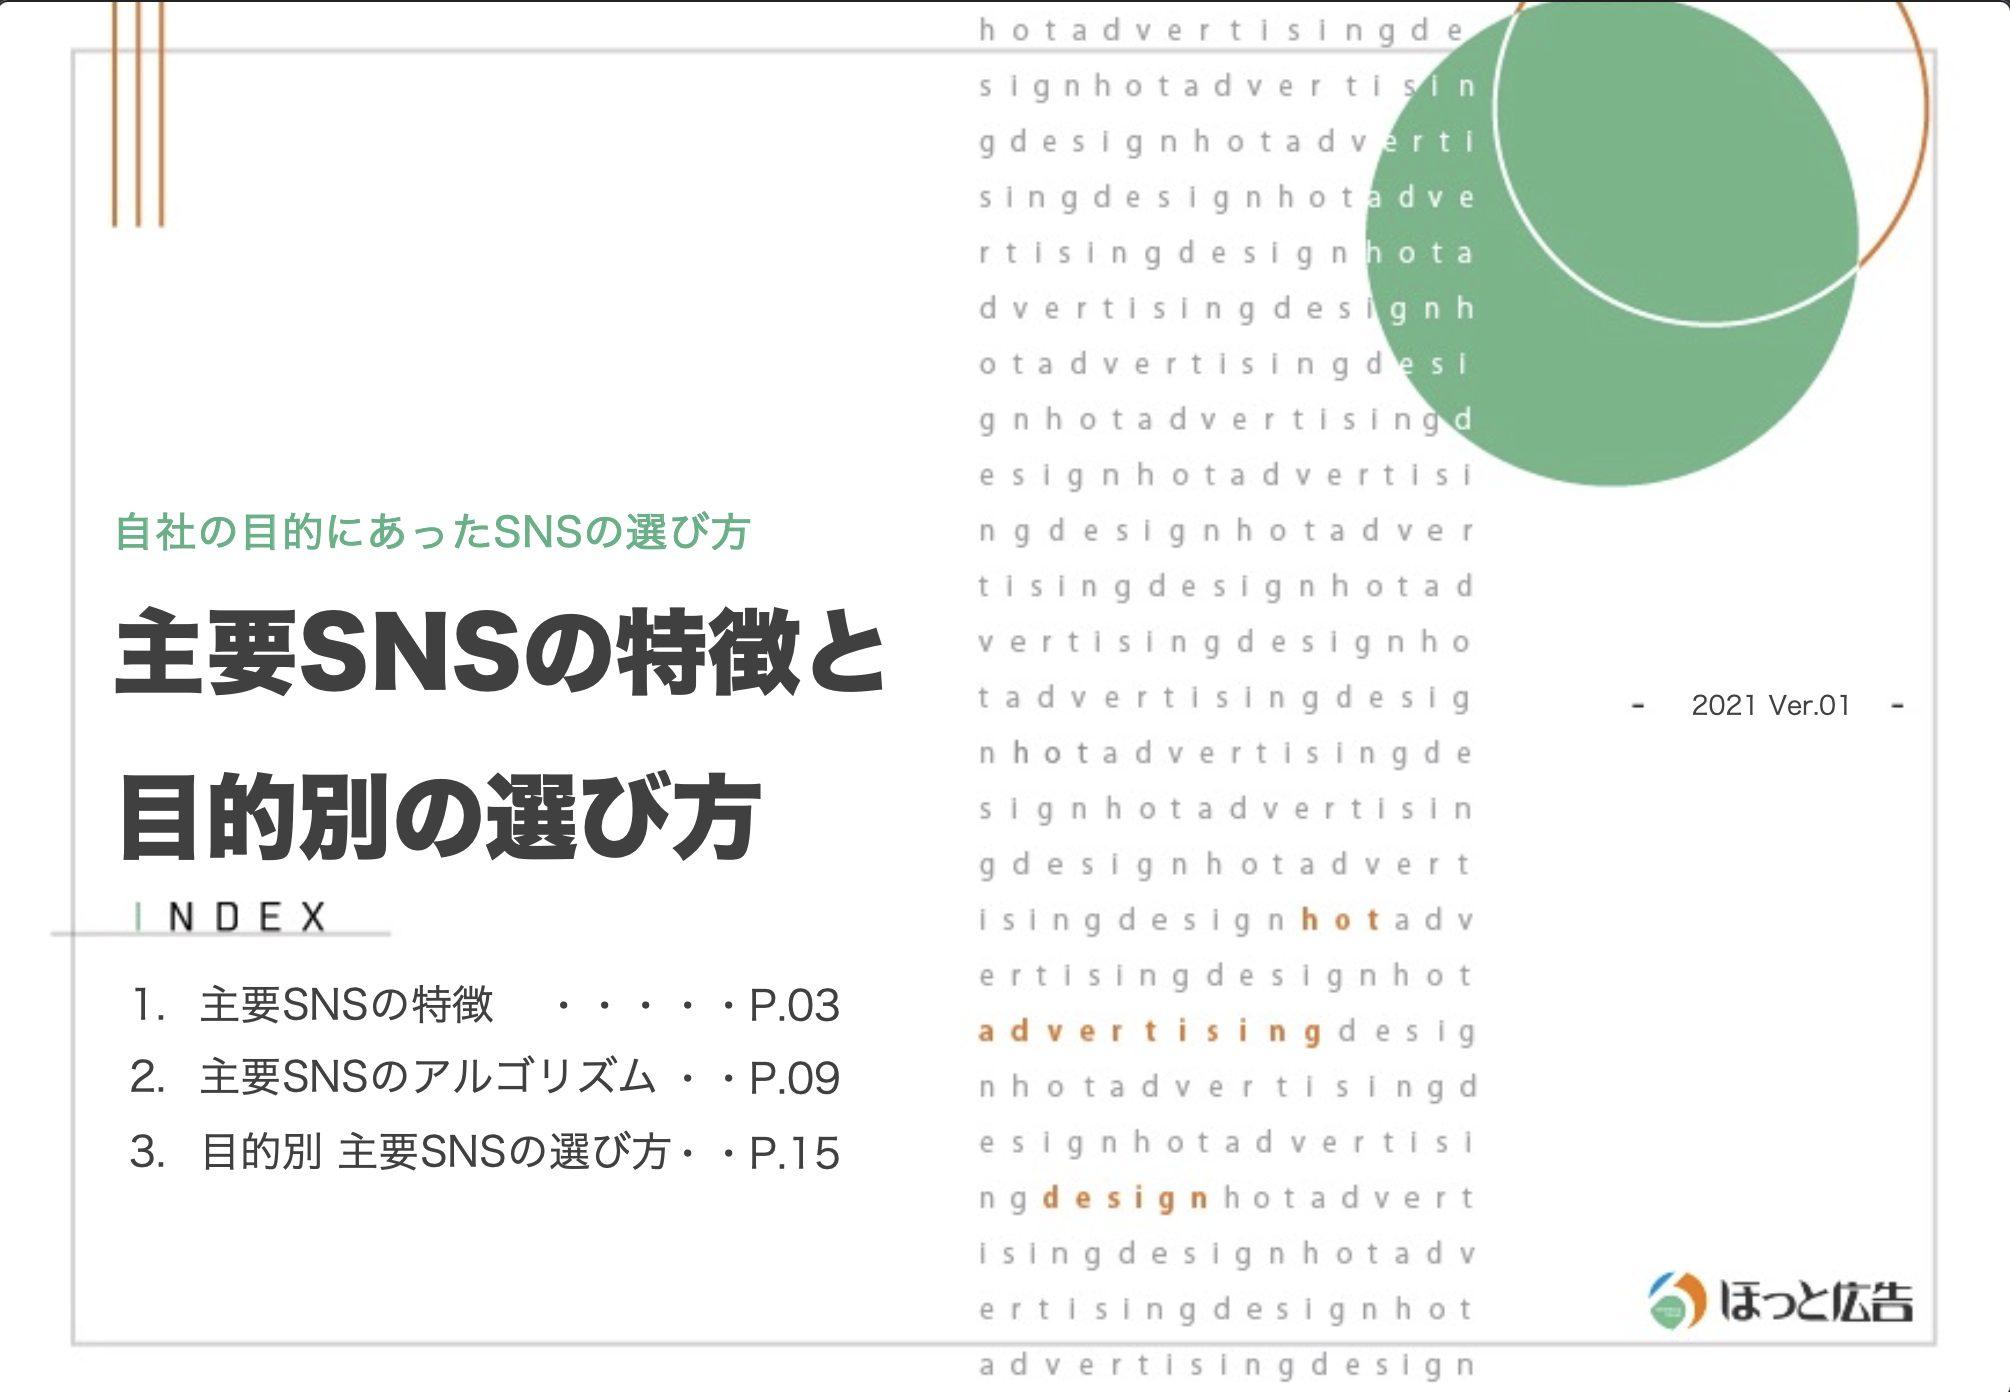 主要SNSの特徴と選び方【資料ダウンロード】